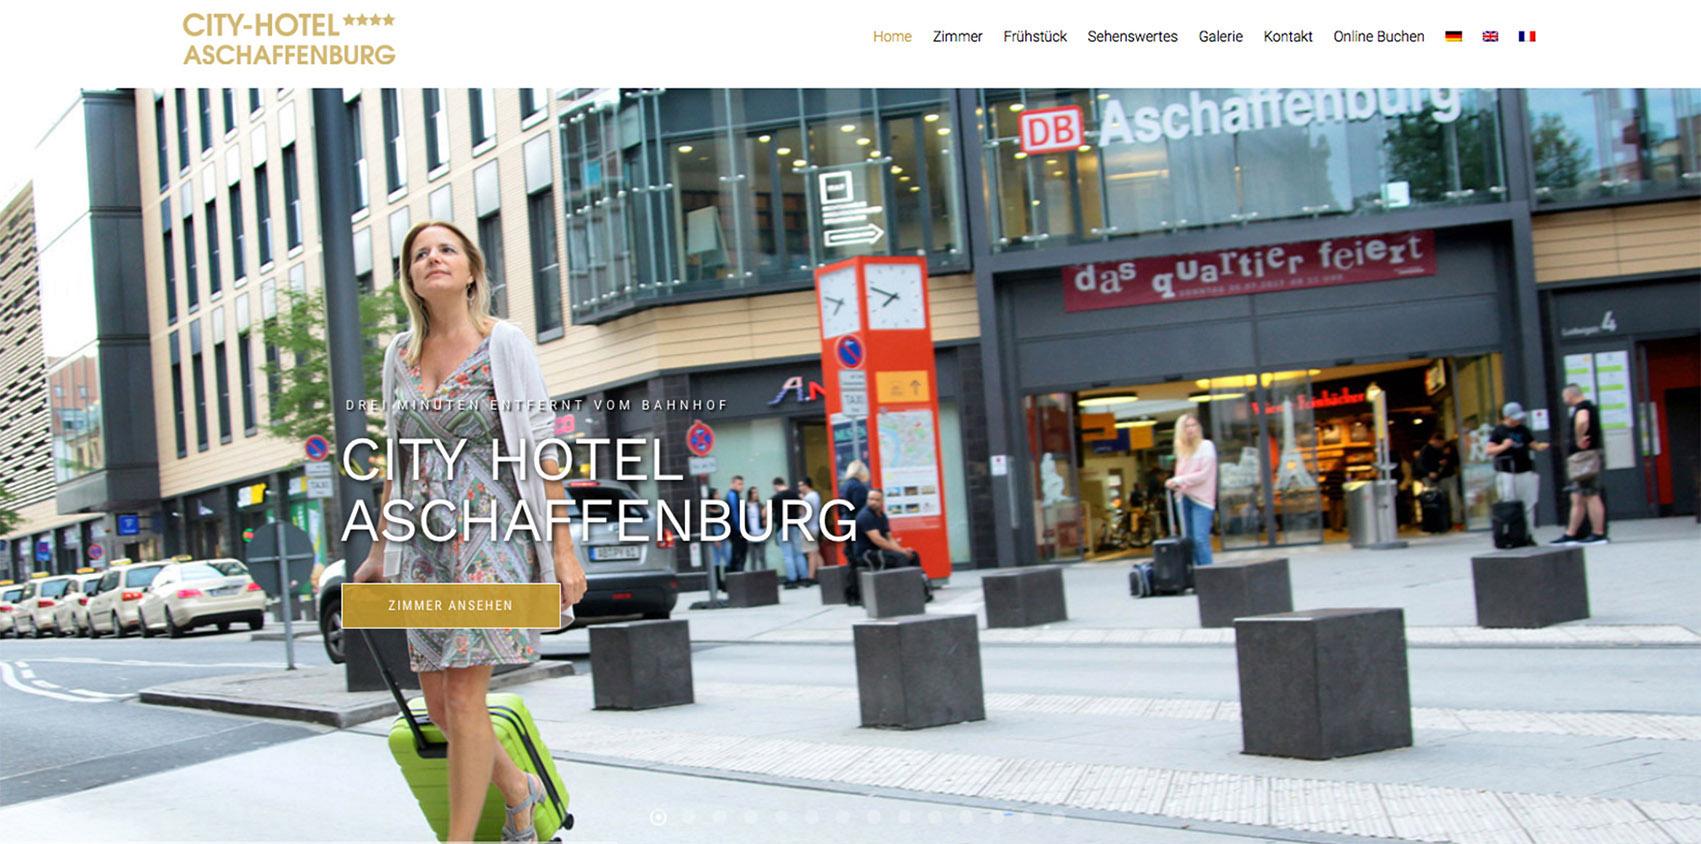 hotel fotos; hotel fotograf-frankfurt; hotel fotograf-bayern, hotel fotograf-deutschland, hotelfotografie-frankfurt, aschaffenburg, Reise; Geografie; Reisen; Reiseziel; Tourismus; Sightseeing; indoor; Innenaufnahme; Architektur; architecture; Hotelfoto; hotel photography; hotel; hotel_foto_01_frankfurt_klewar-photographie